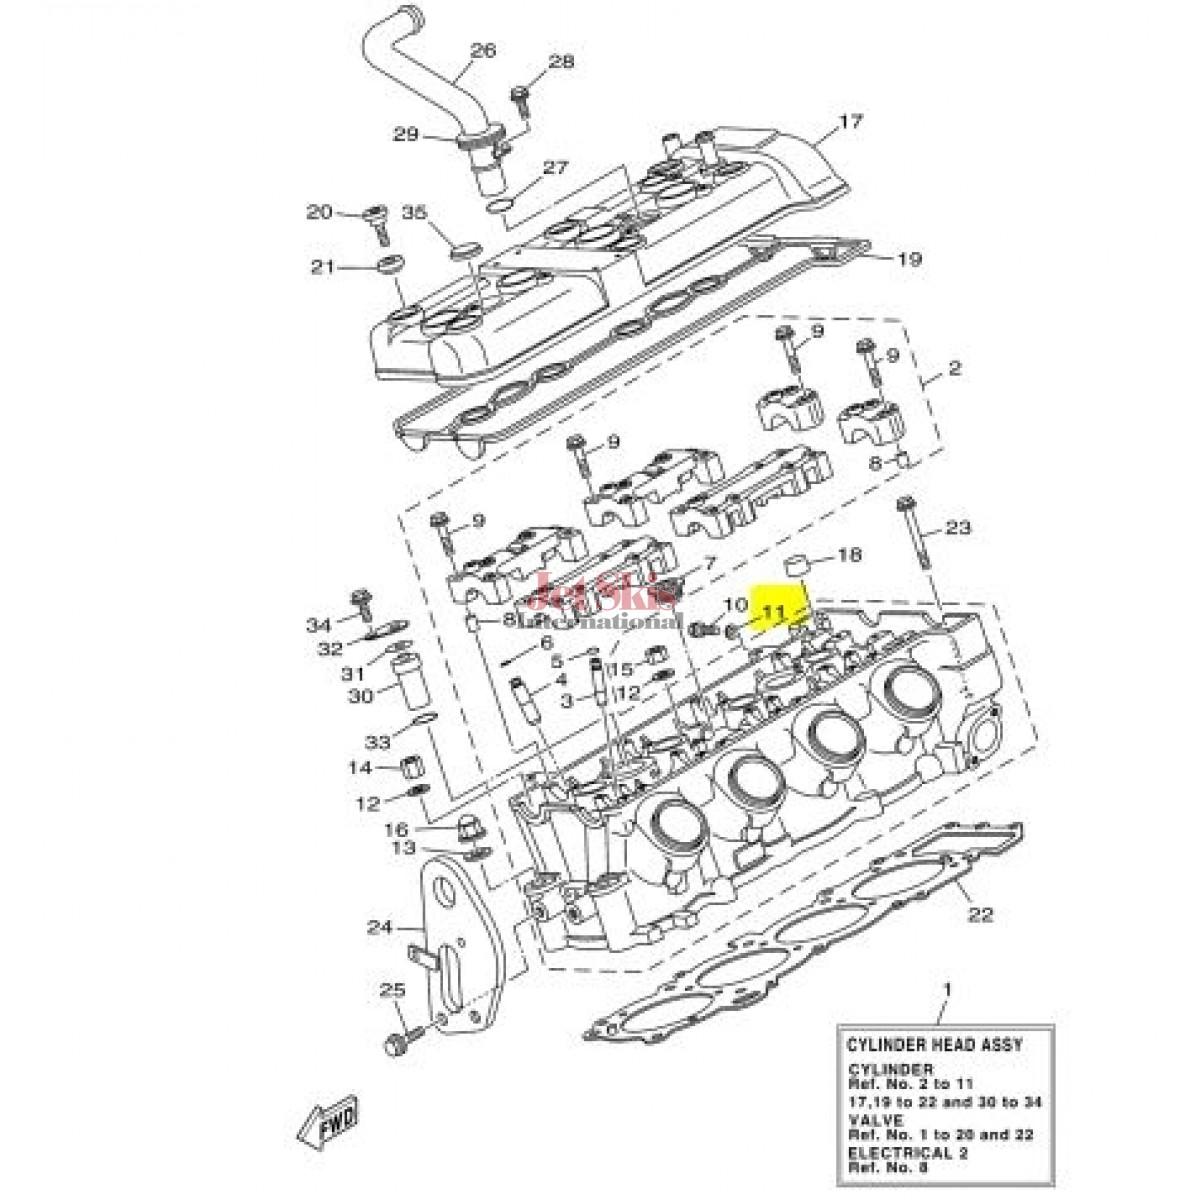 YAMAHA 90430-06014-00 GASKET FX, VX CRUISER/DELUXE/SPORT